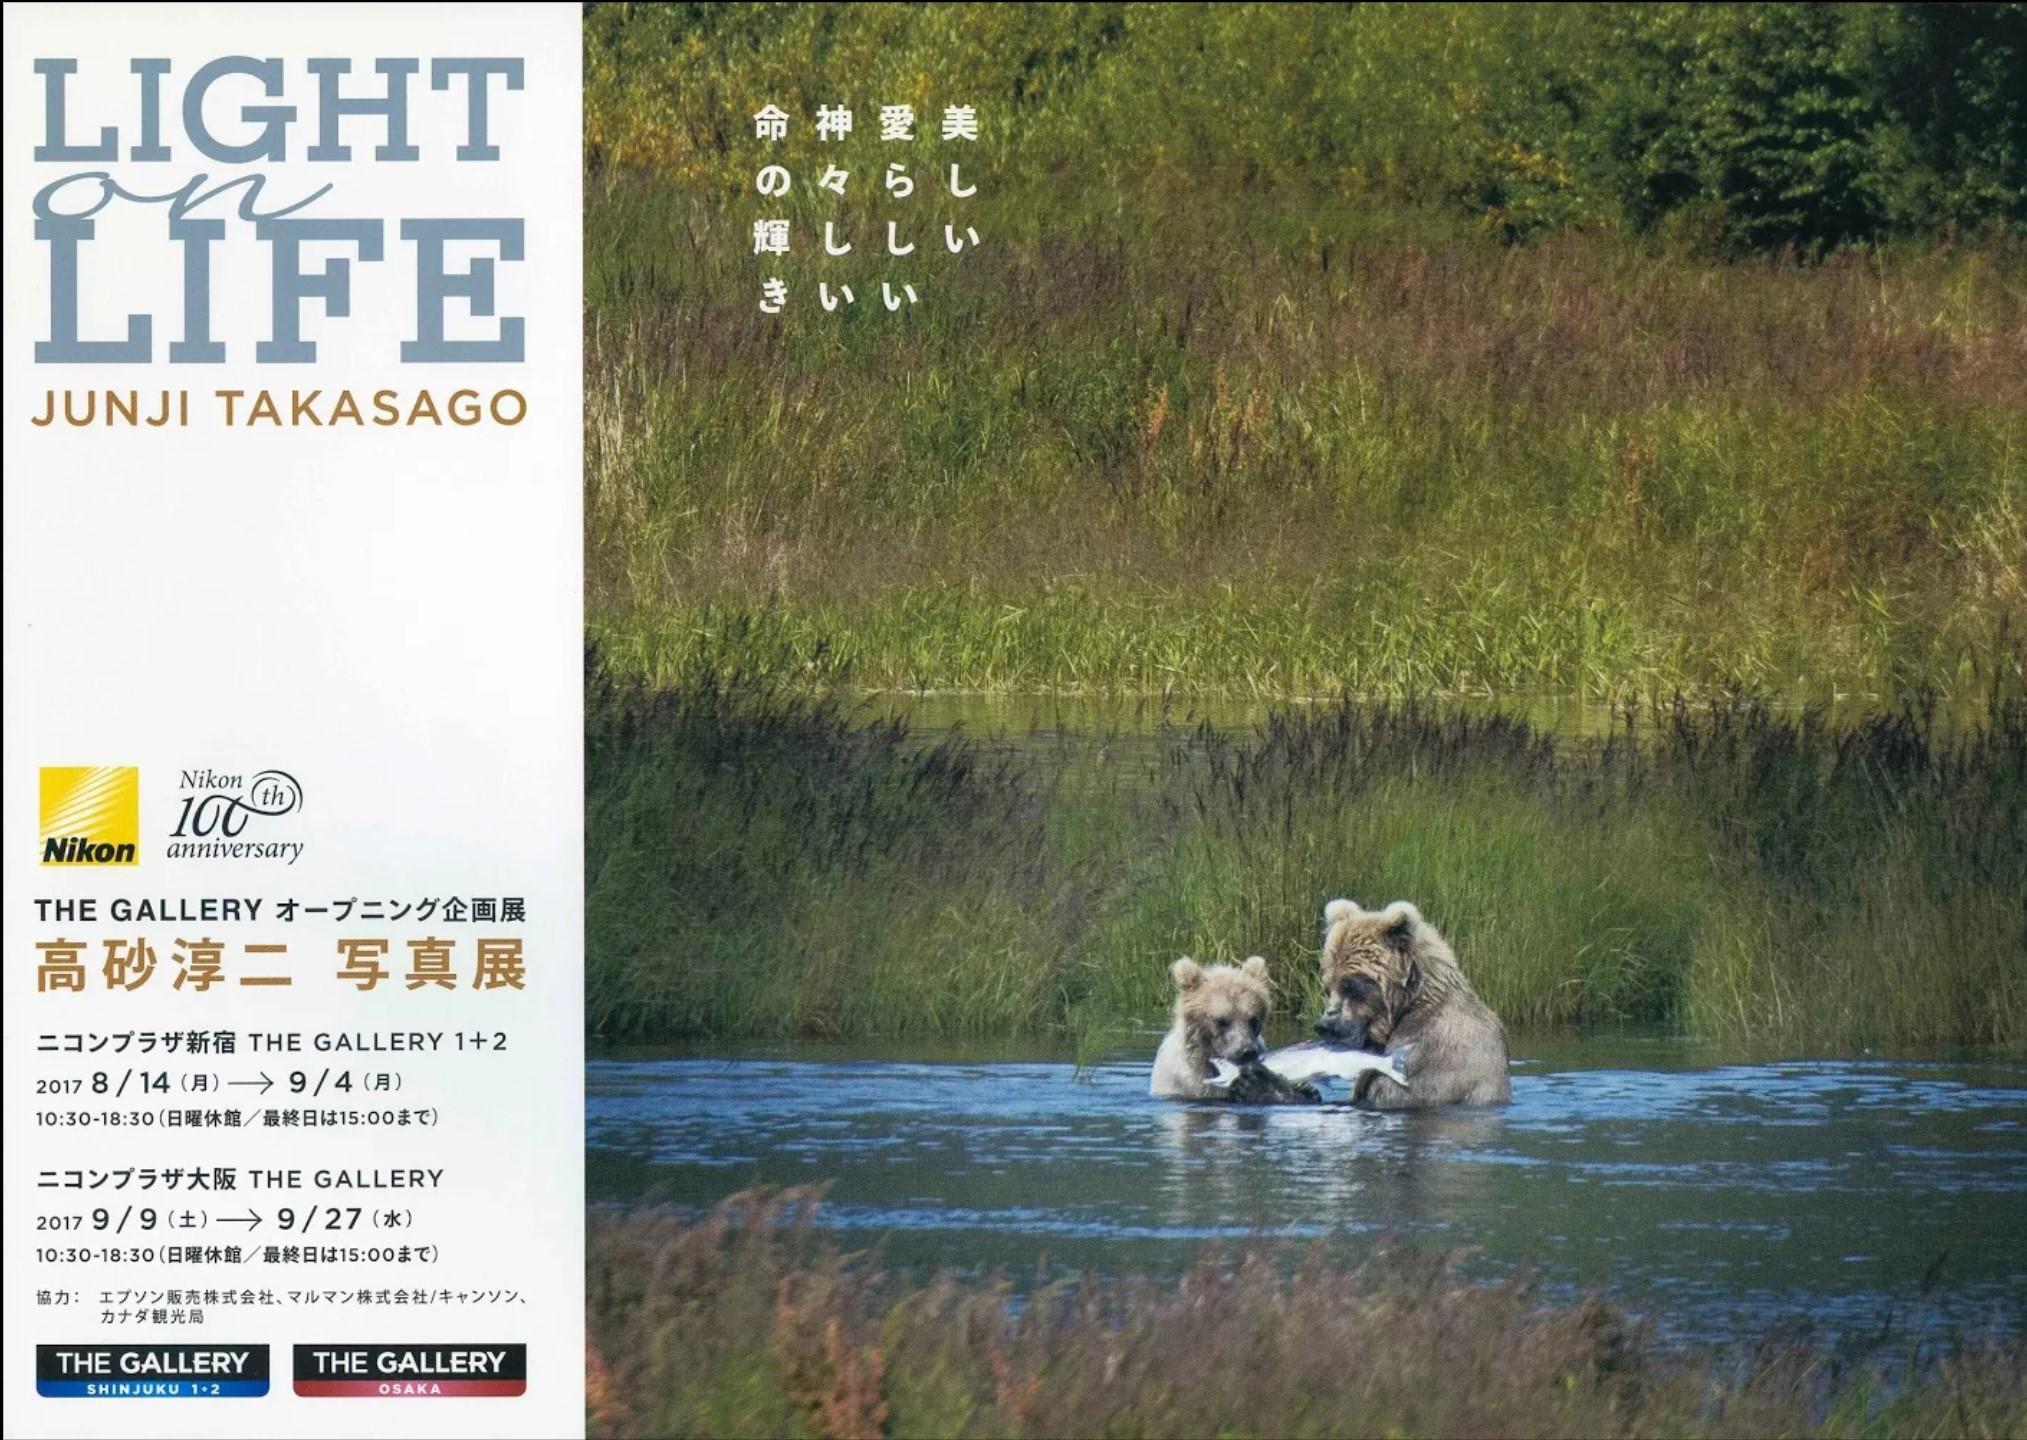 自然写真家・高砂淳二さん写真展「LIGHT on LIFE」が8月14日より開催 @新宿ニコンプラザ THE GALLERY